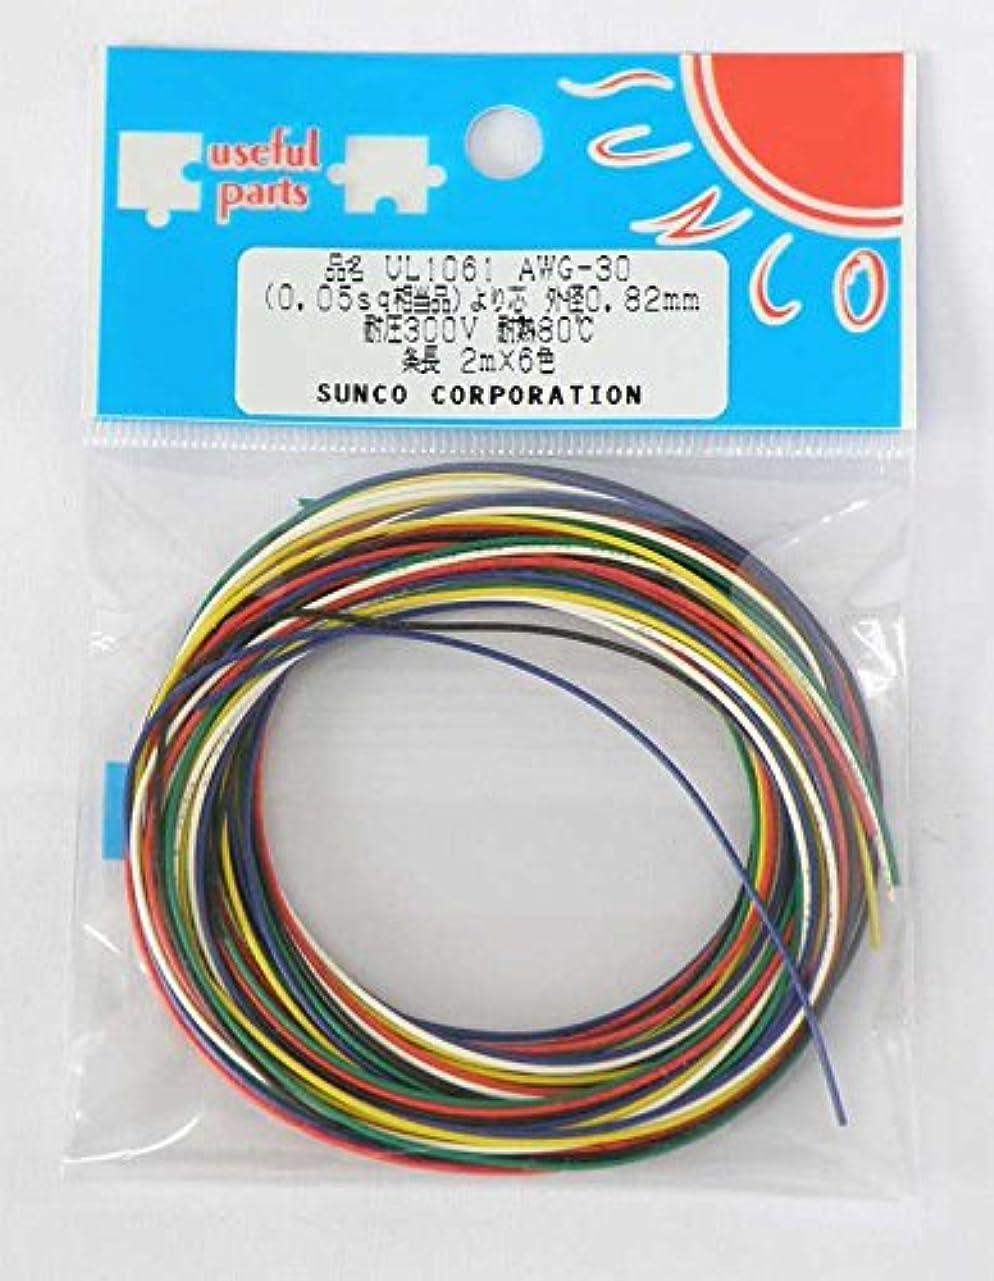 大西洋準拠言い聞かせるサンコー電商 UL1061 耐熱ビニル絶縁電線 黒白赤黄緑青 各2m AWG30 2m <6色> UL1061 AWG-30 2m X 6色